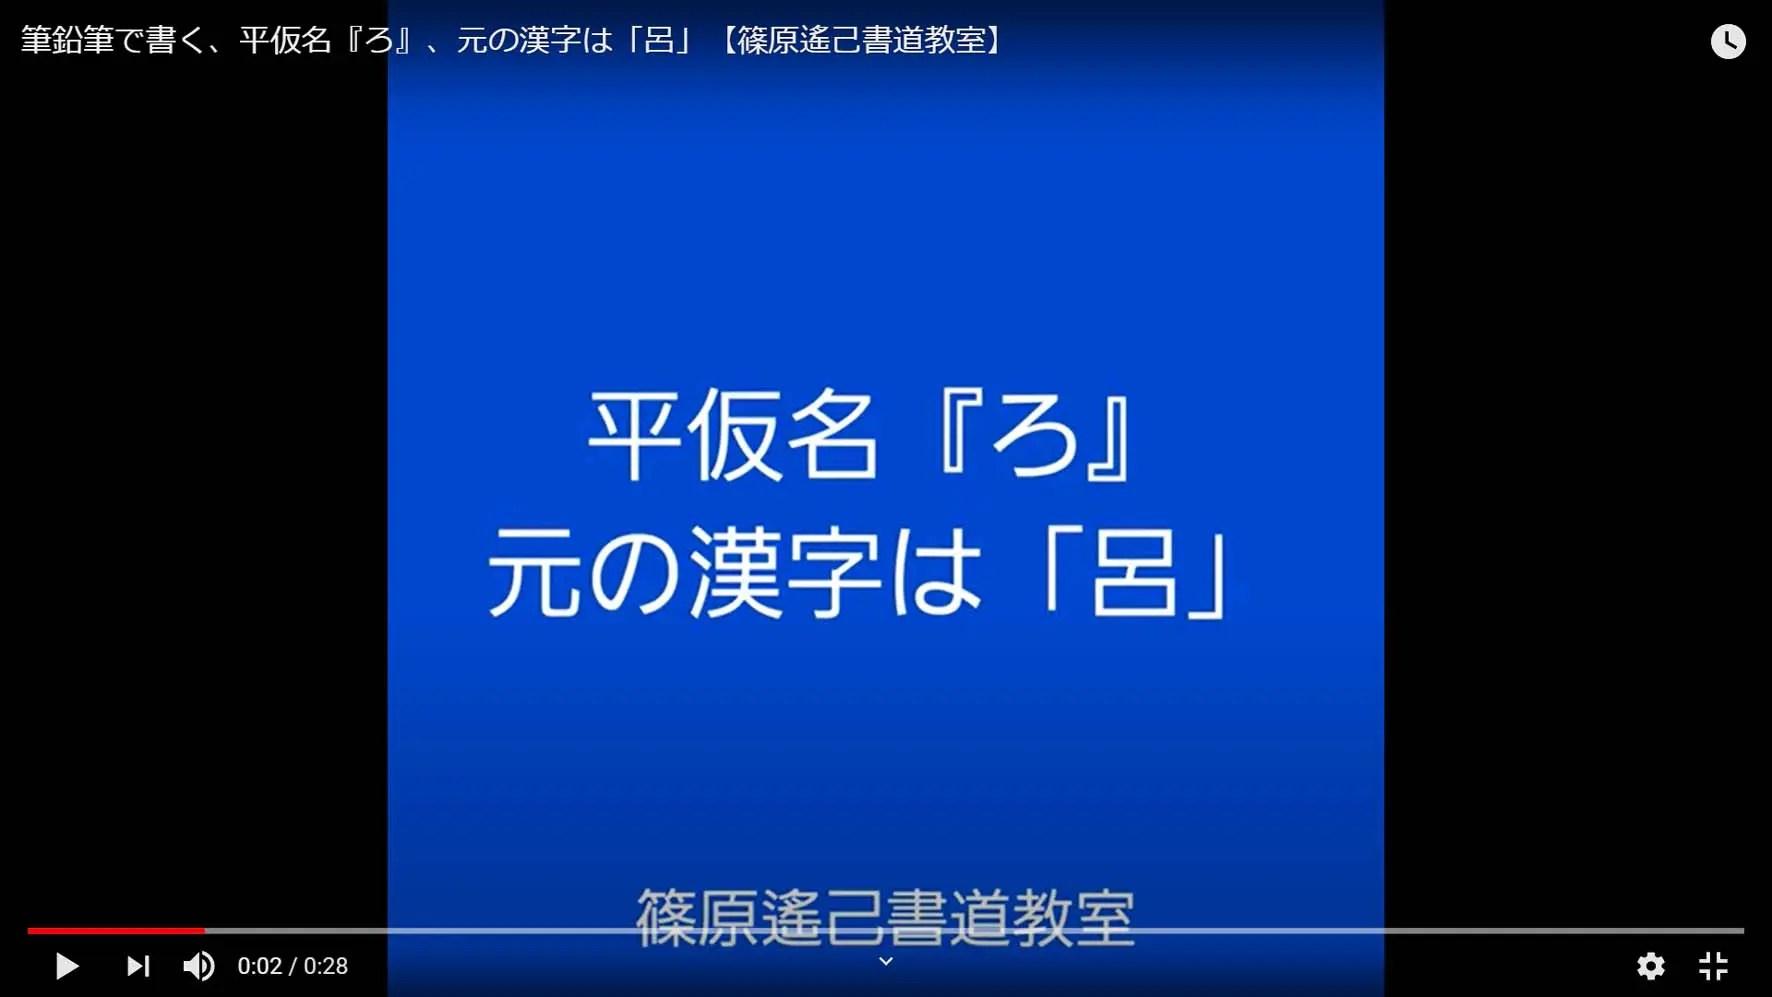 筆鉛筆で書く、平仮名『ろ』【手書き動画】鎌倉市長谷の書道教室